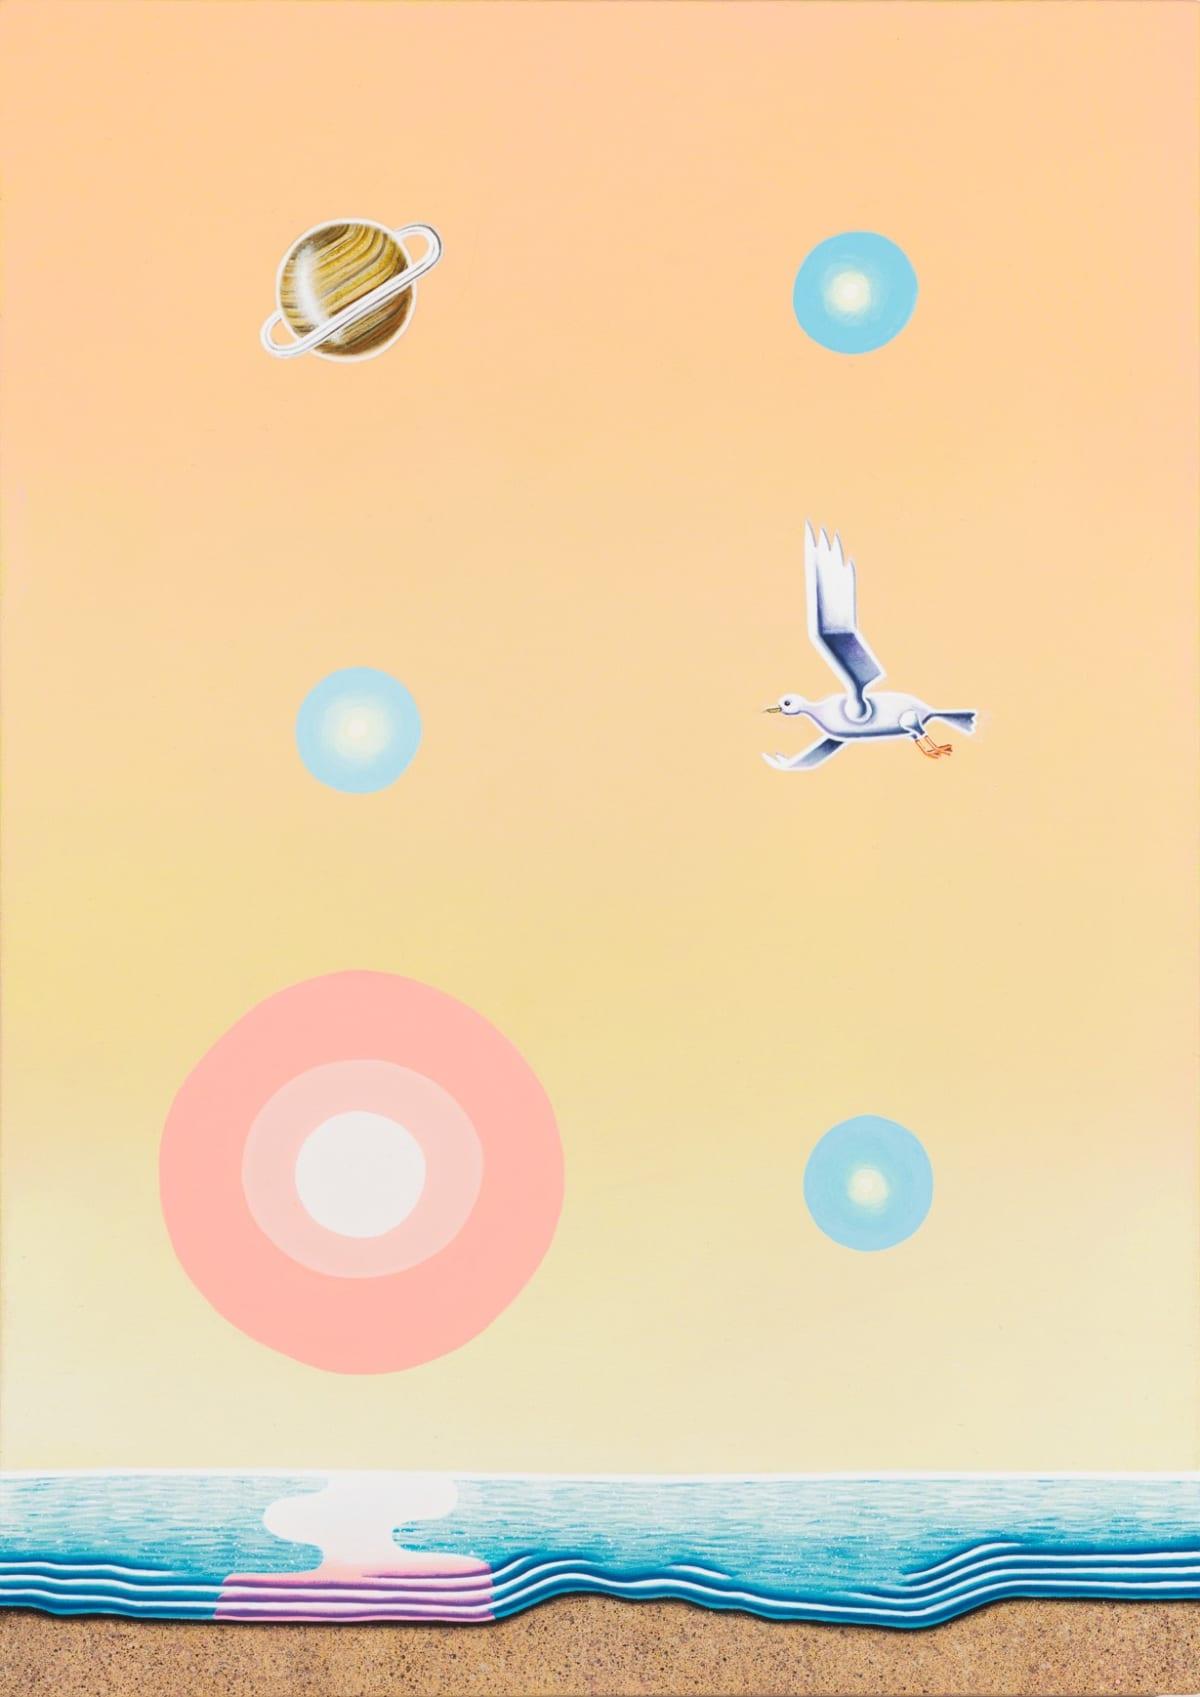 December 26, 2016 - BLOUIN ARTINFO HIGHLIGHTS MATTHEW F FISHER'S 'OBSERVABLE UNIVERSE'